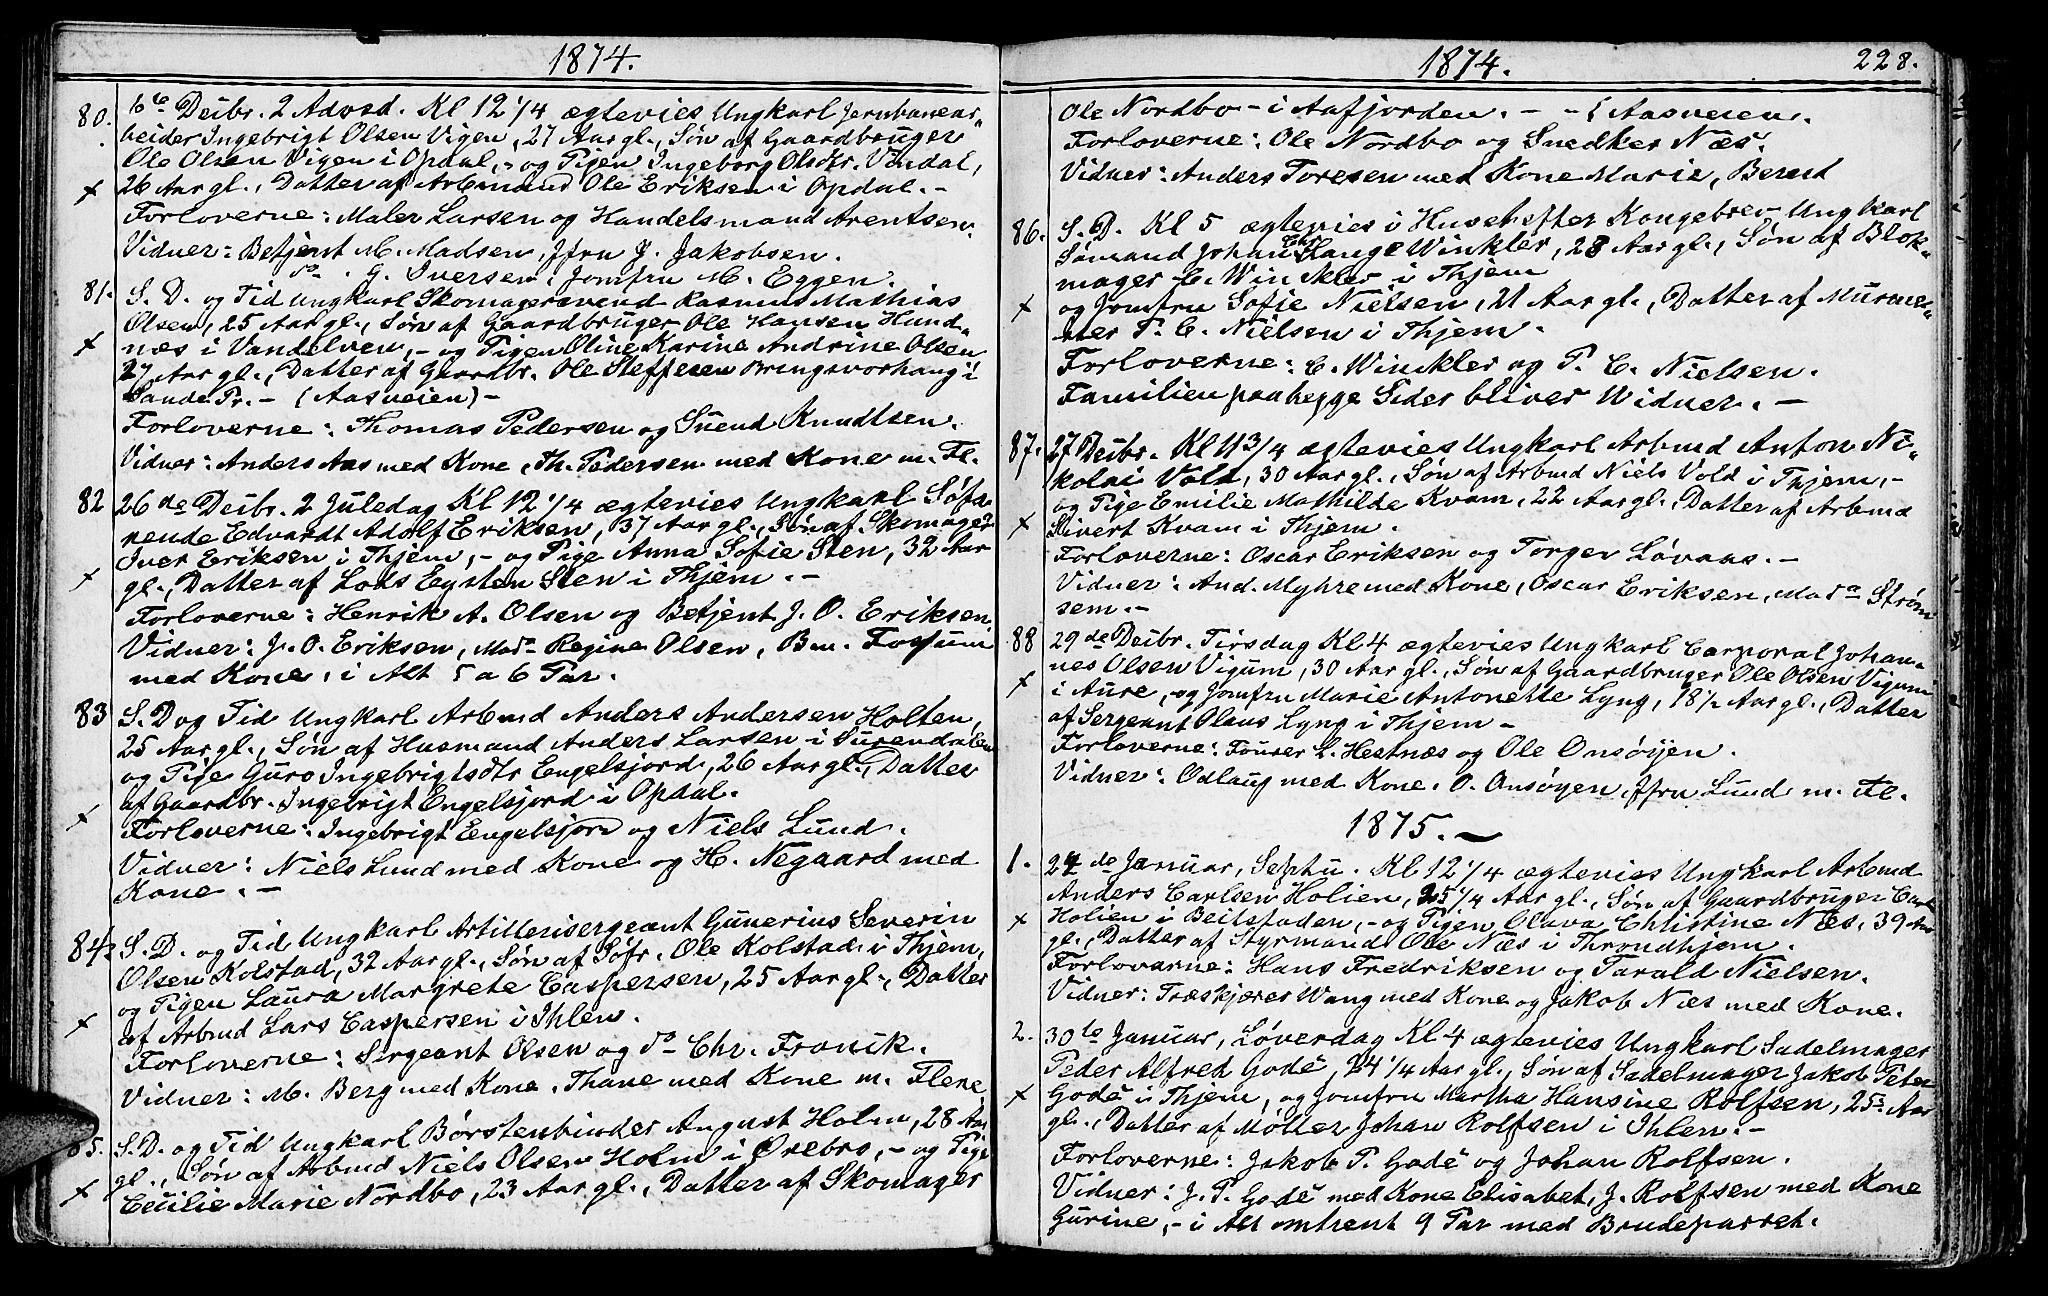 SAT, Ministerialprotokoller, klokkerbøker og fødselsregistre - Sør-Trøndelag, 602/L0142: Klokkerbok nr. 602C10, 1872-1894, s. 228